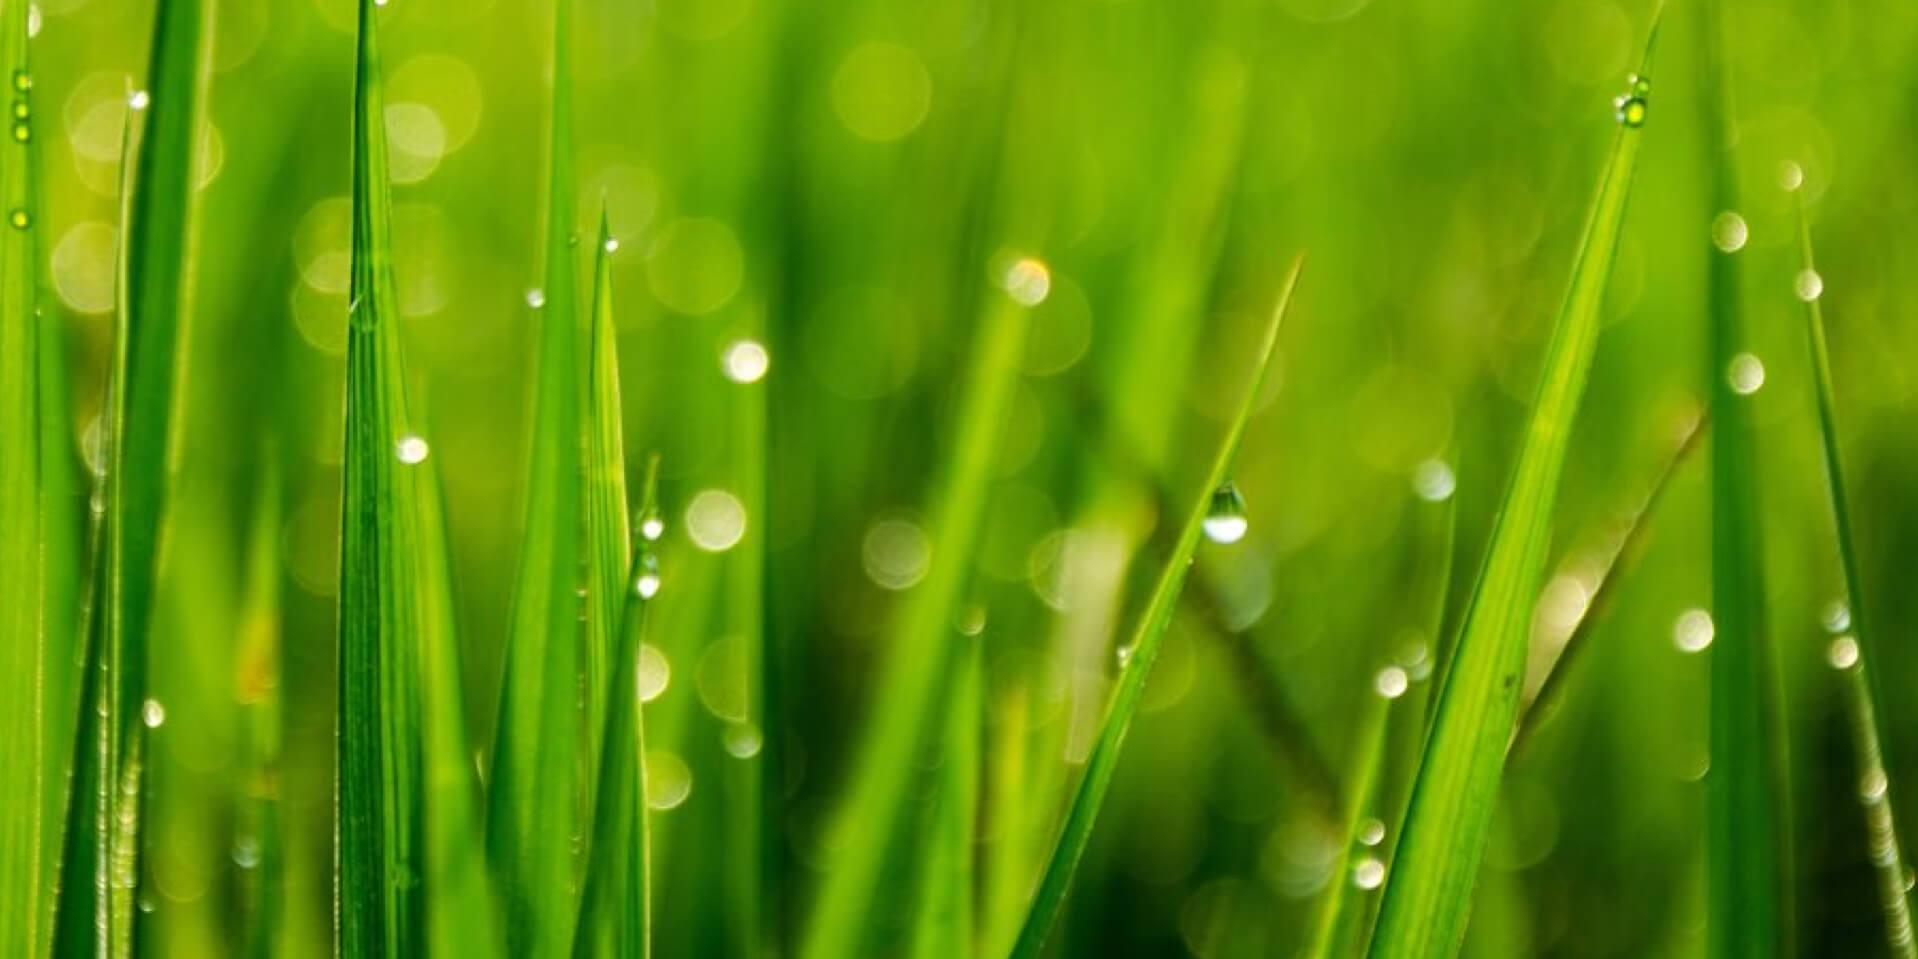 herbes fraiches-rosée du matin-parfum vert